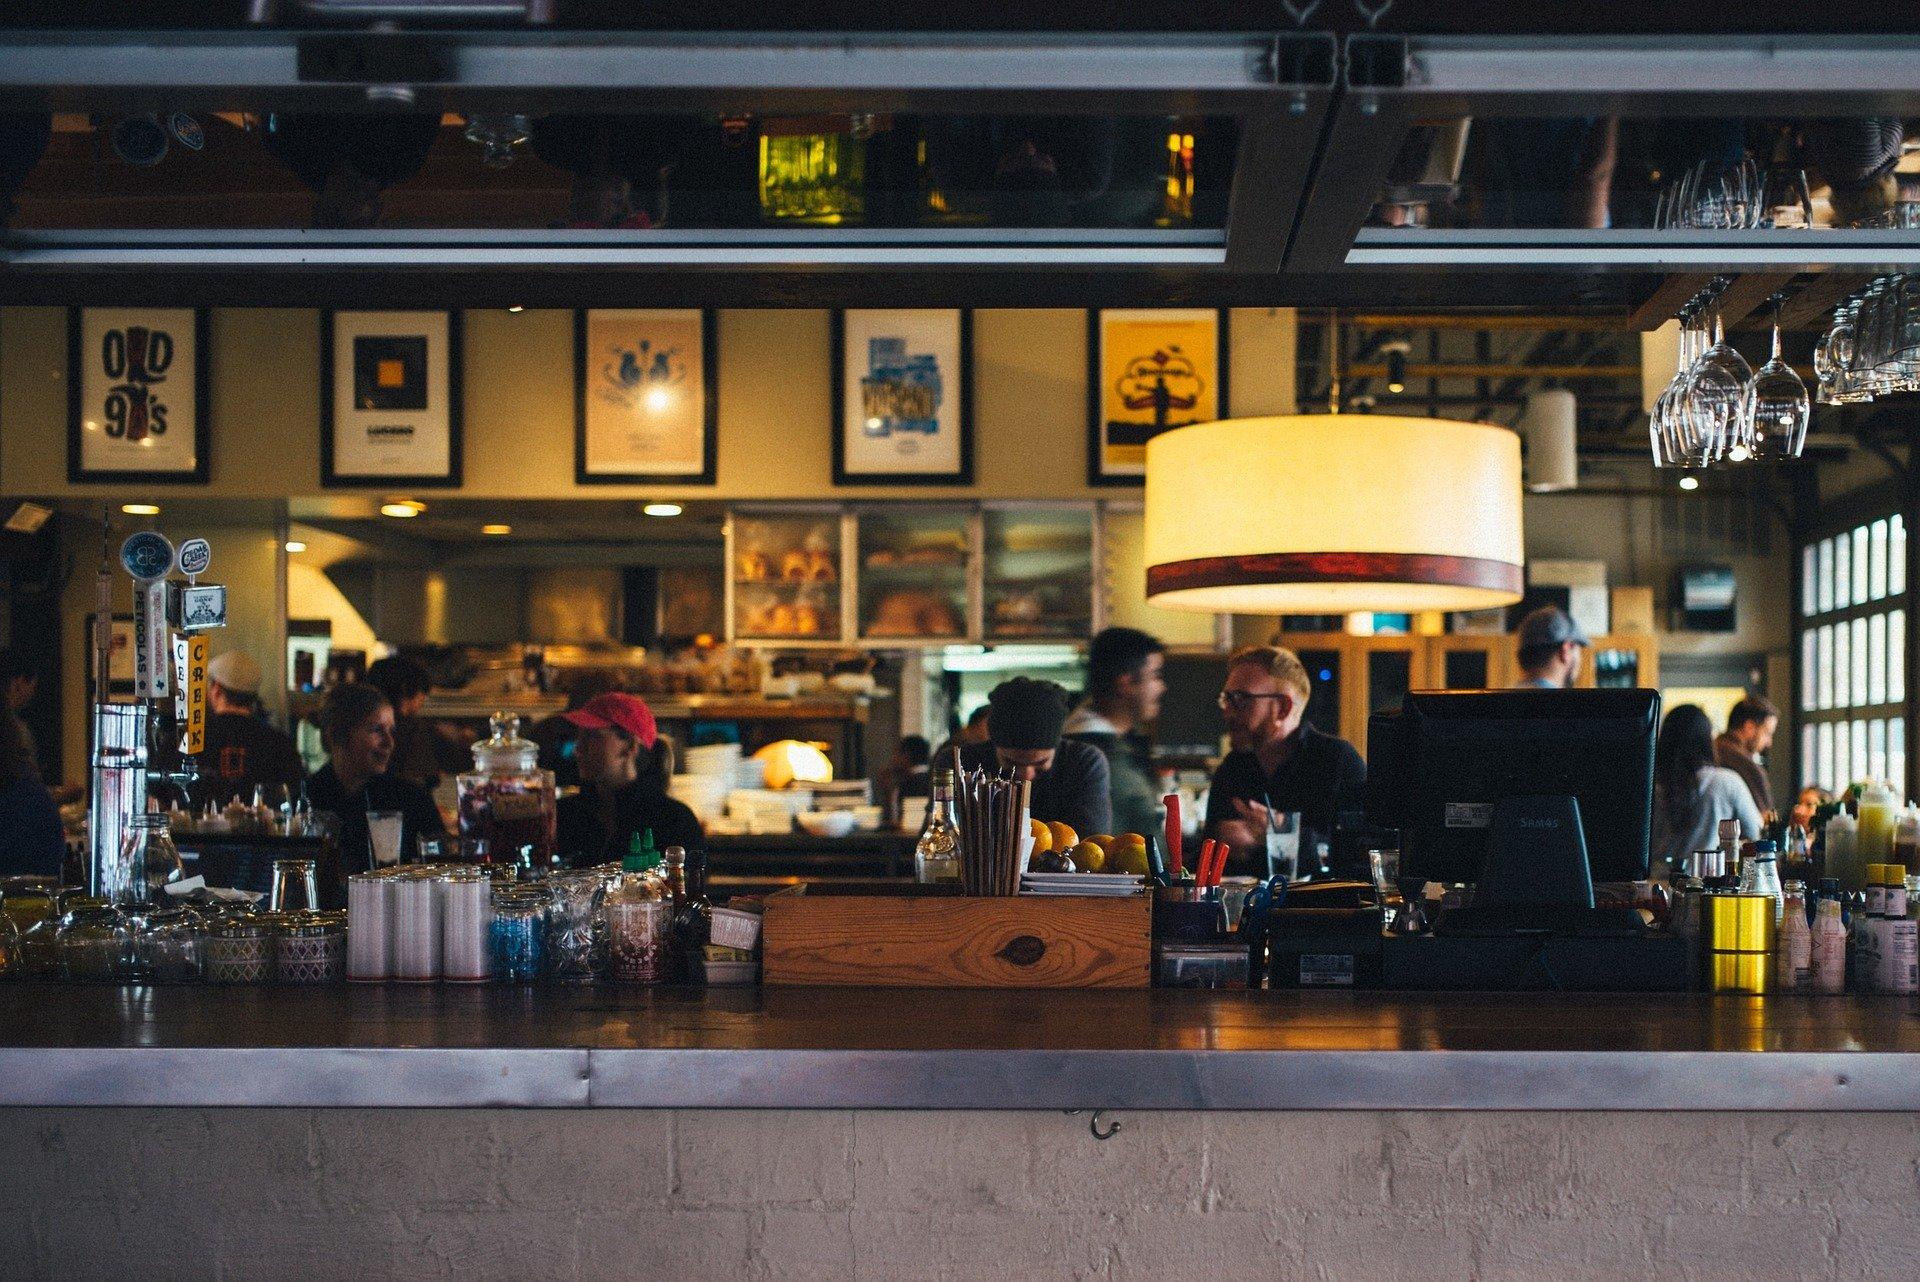 Conheça a franquia Linked e trabalhe com uma plataforma de food service!